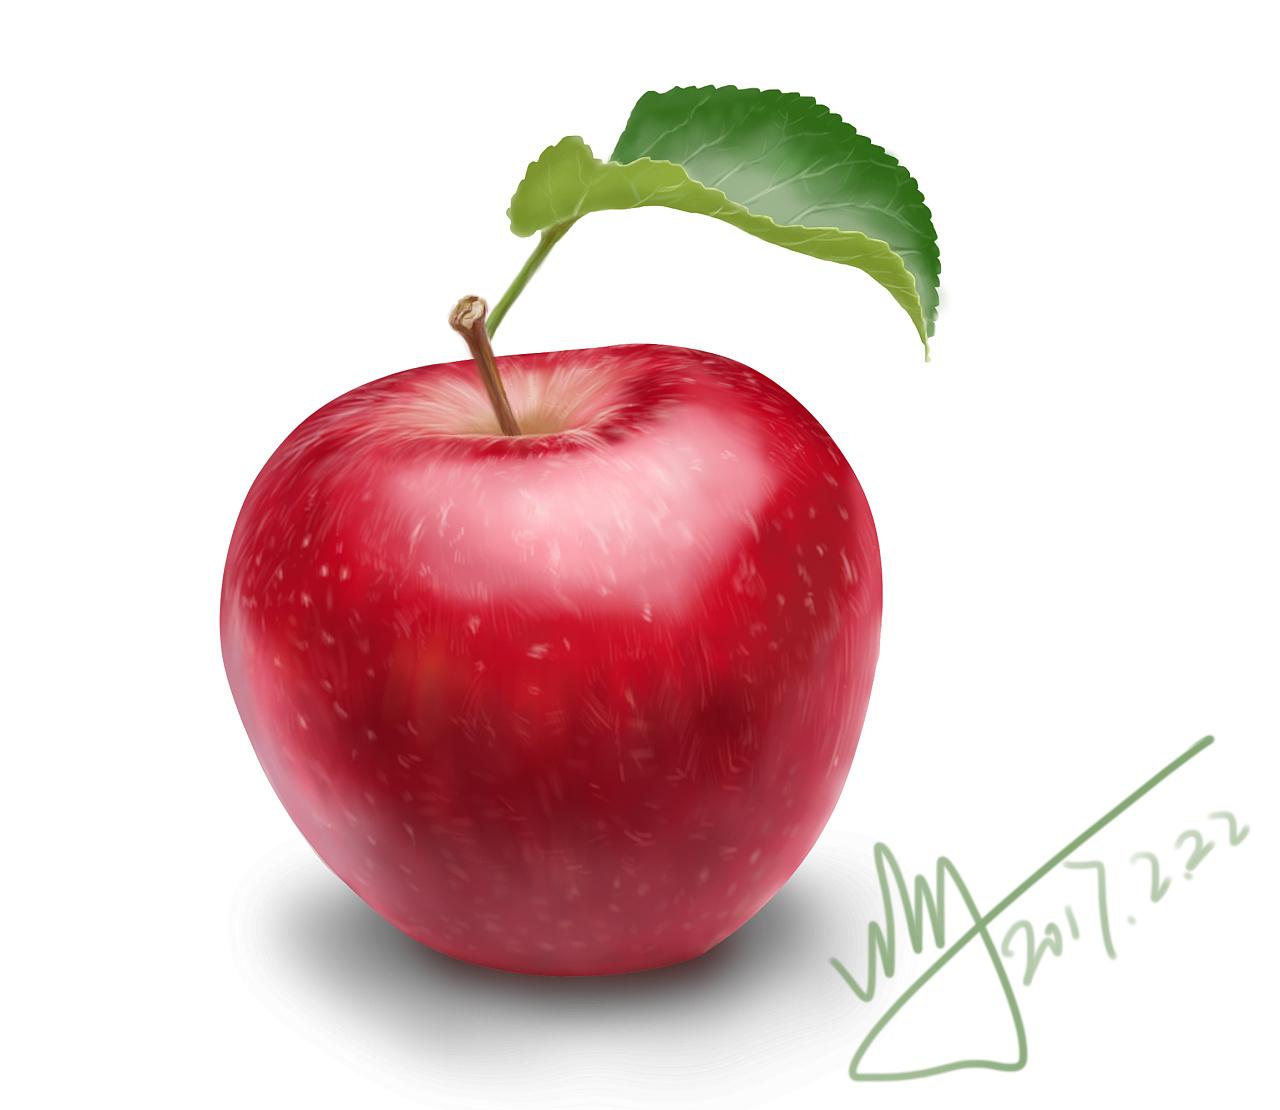 好看的手绘水果图片